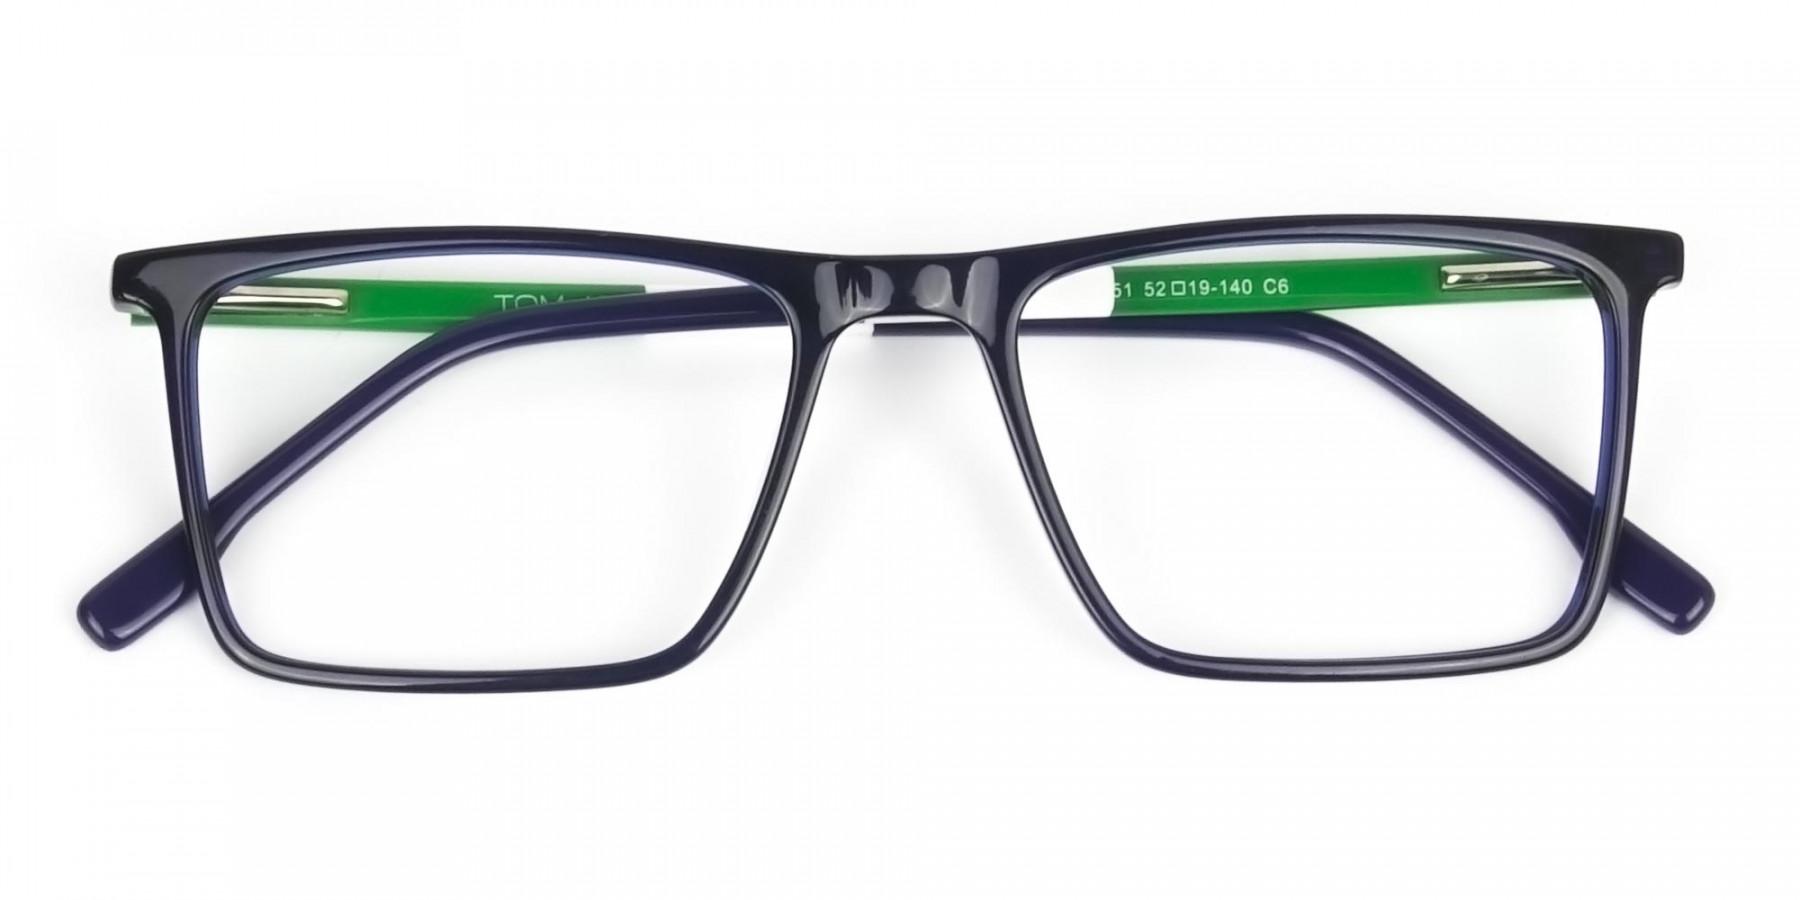 Blue & Green Rectangular Glasses - 1